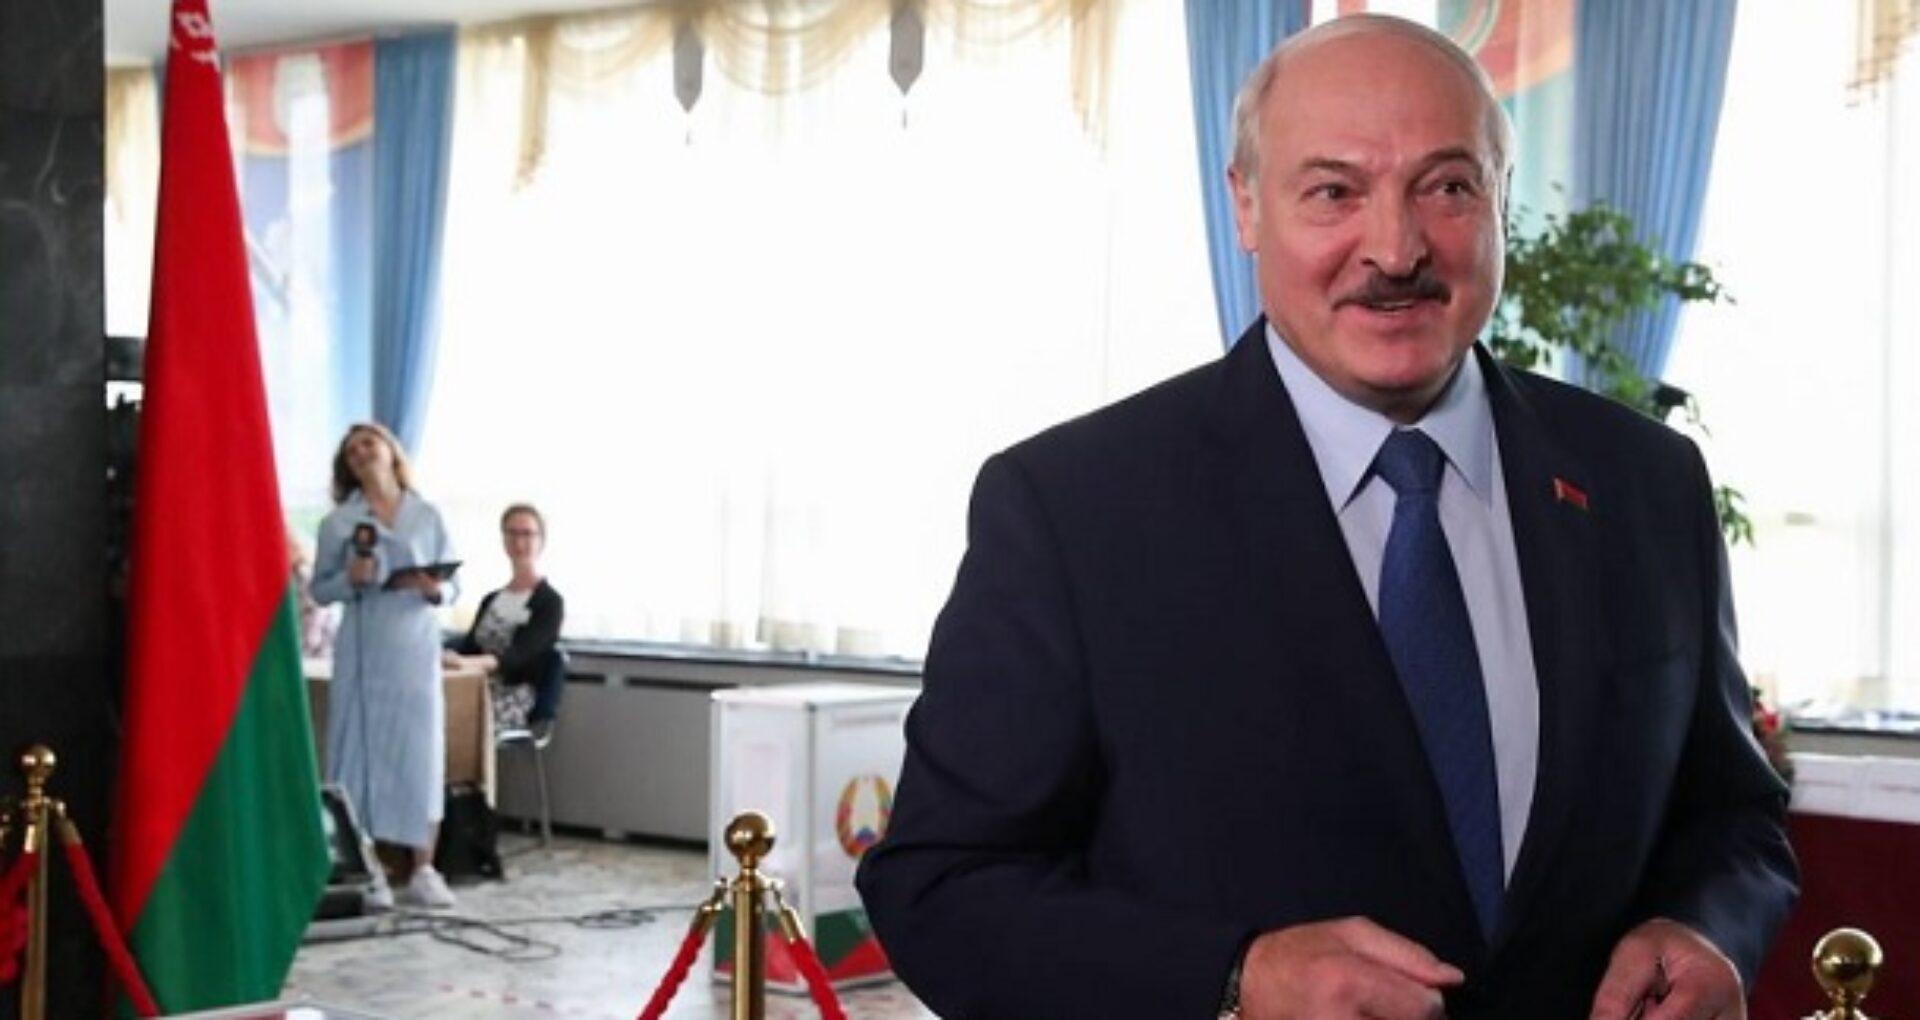 Aleksandr Lukașenko spune că va renunța la funcție când se va adopta o nouă constituție, fără să precizeze când va avea loc această schimbare